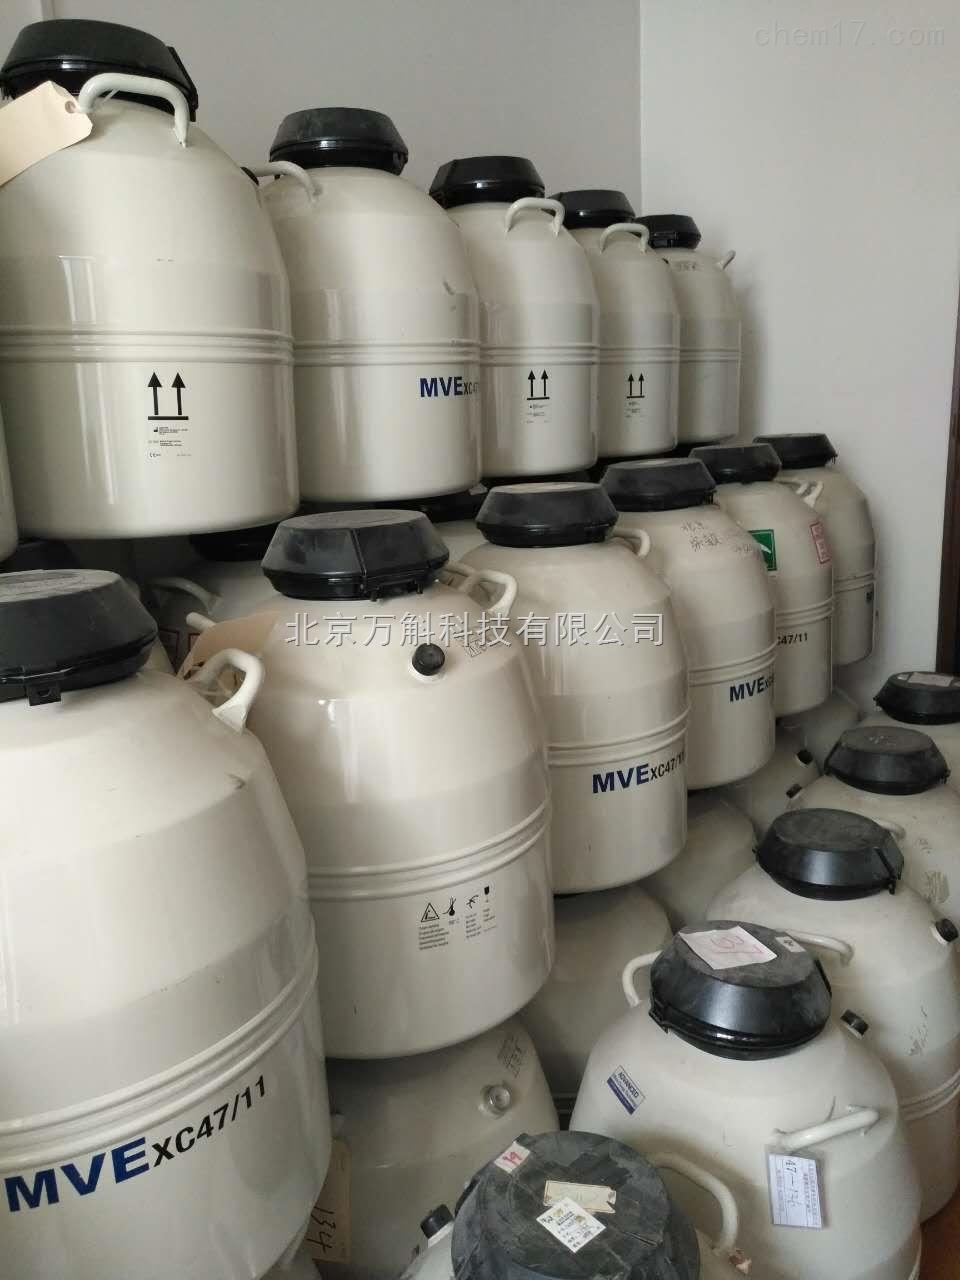 MVE LAB30液氮轉移罐